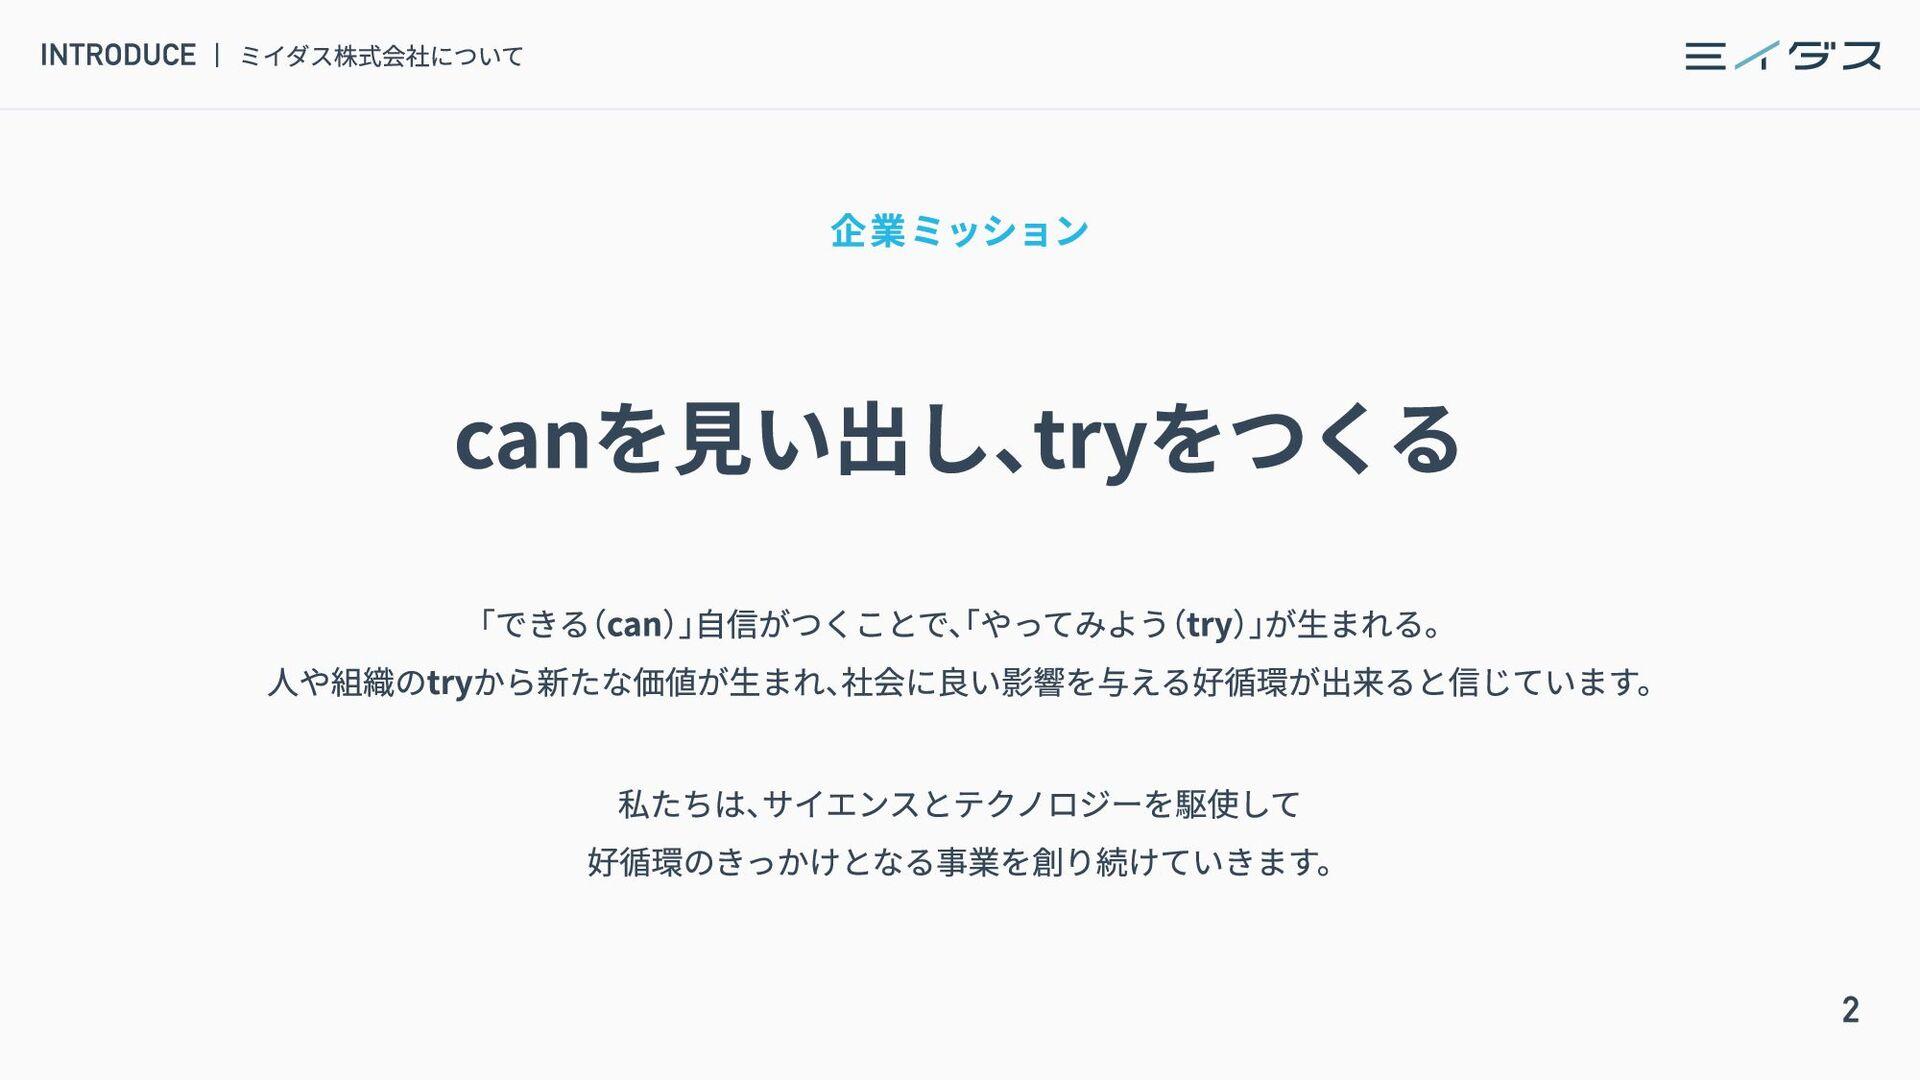 3 CONTENTS INTRODUCE ミイダス株式会社について 4 PRODUCT ミイダ...